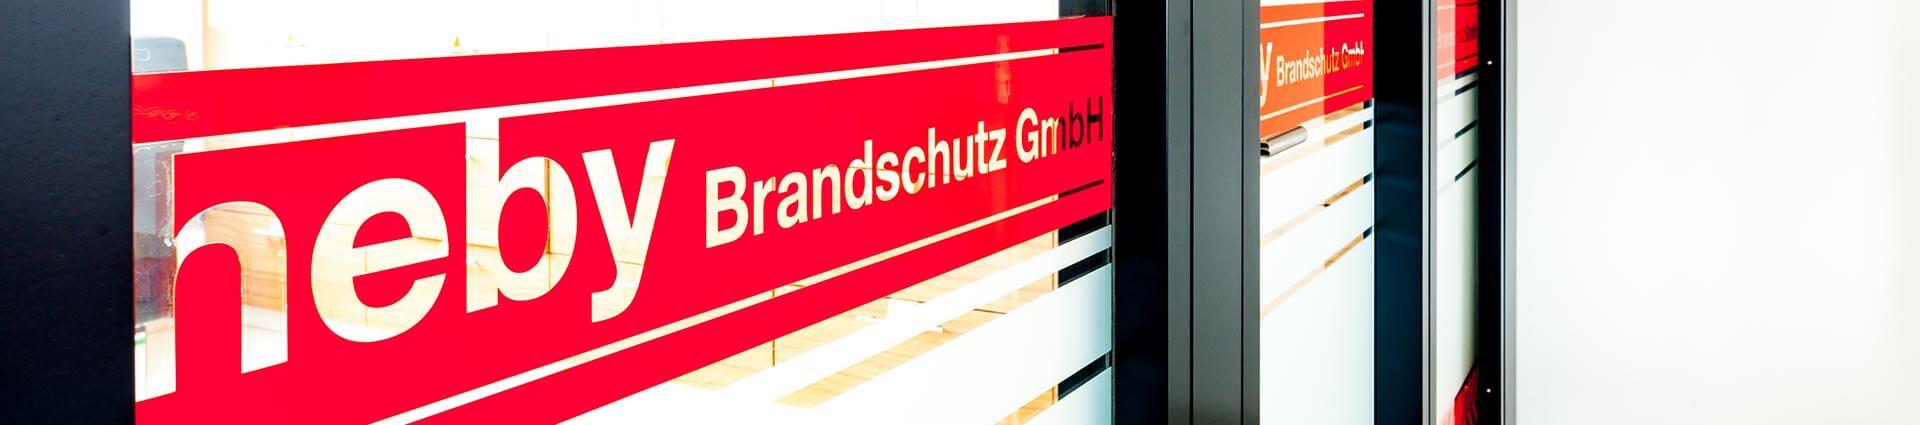 Leistungen der heby Brandschutz GmbH Düsseldorf